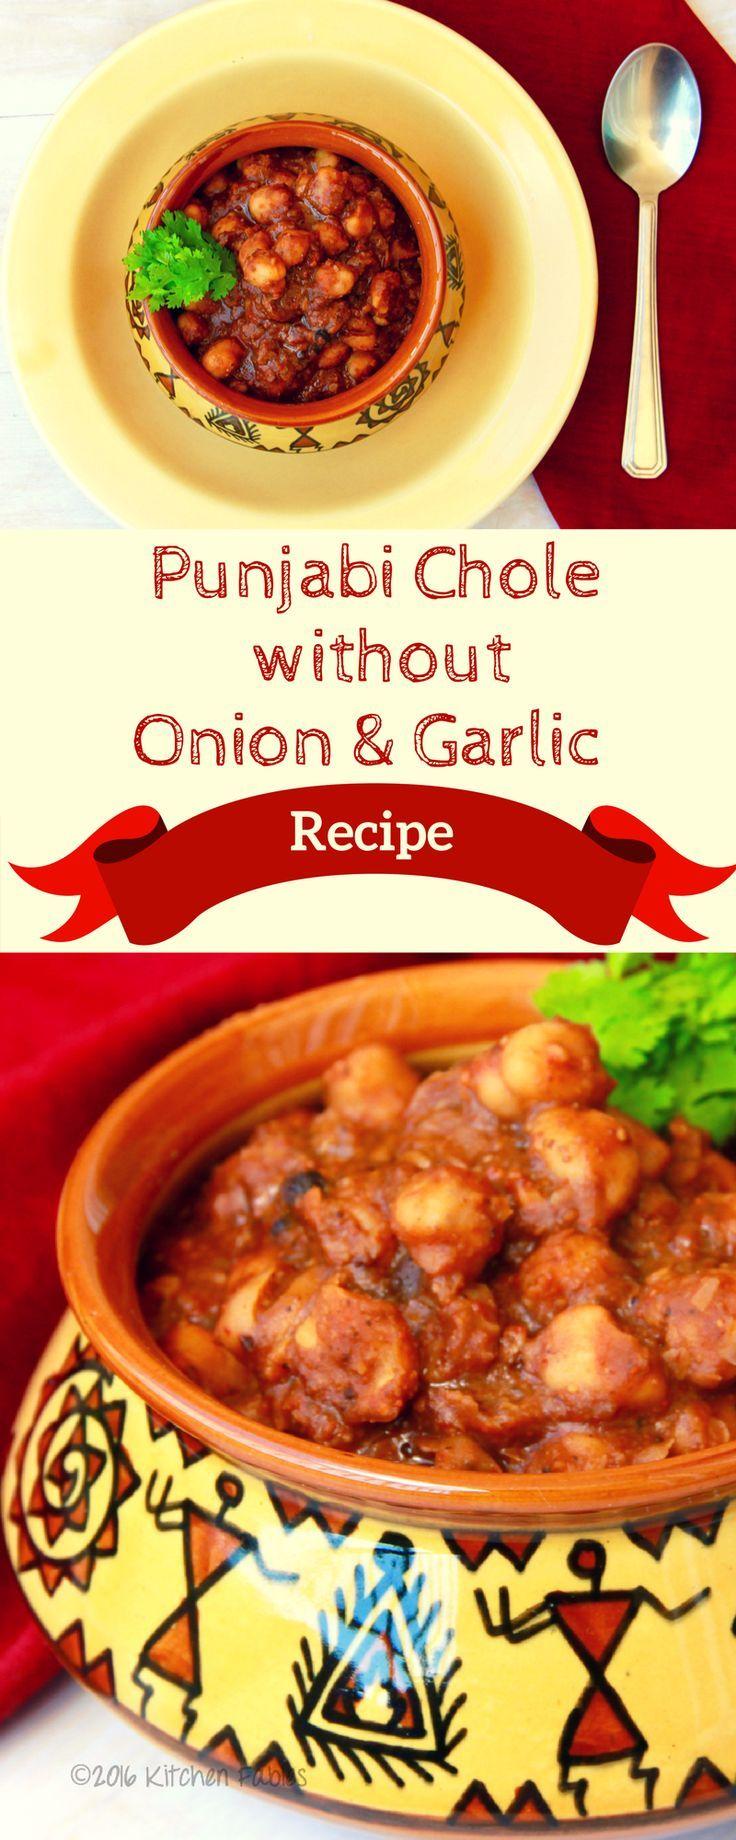 Punjabi chole without onion garlic recipe onions garlic and recipe for punjabi chole saffed chane without onion garlic forumfinder Images